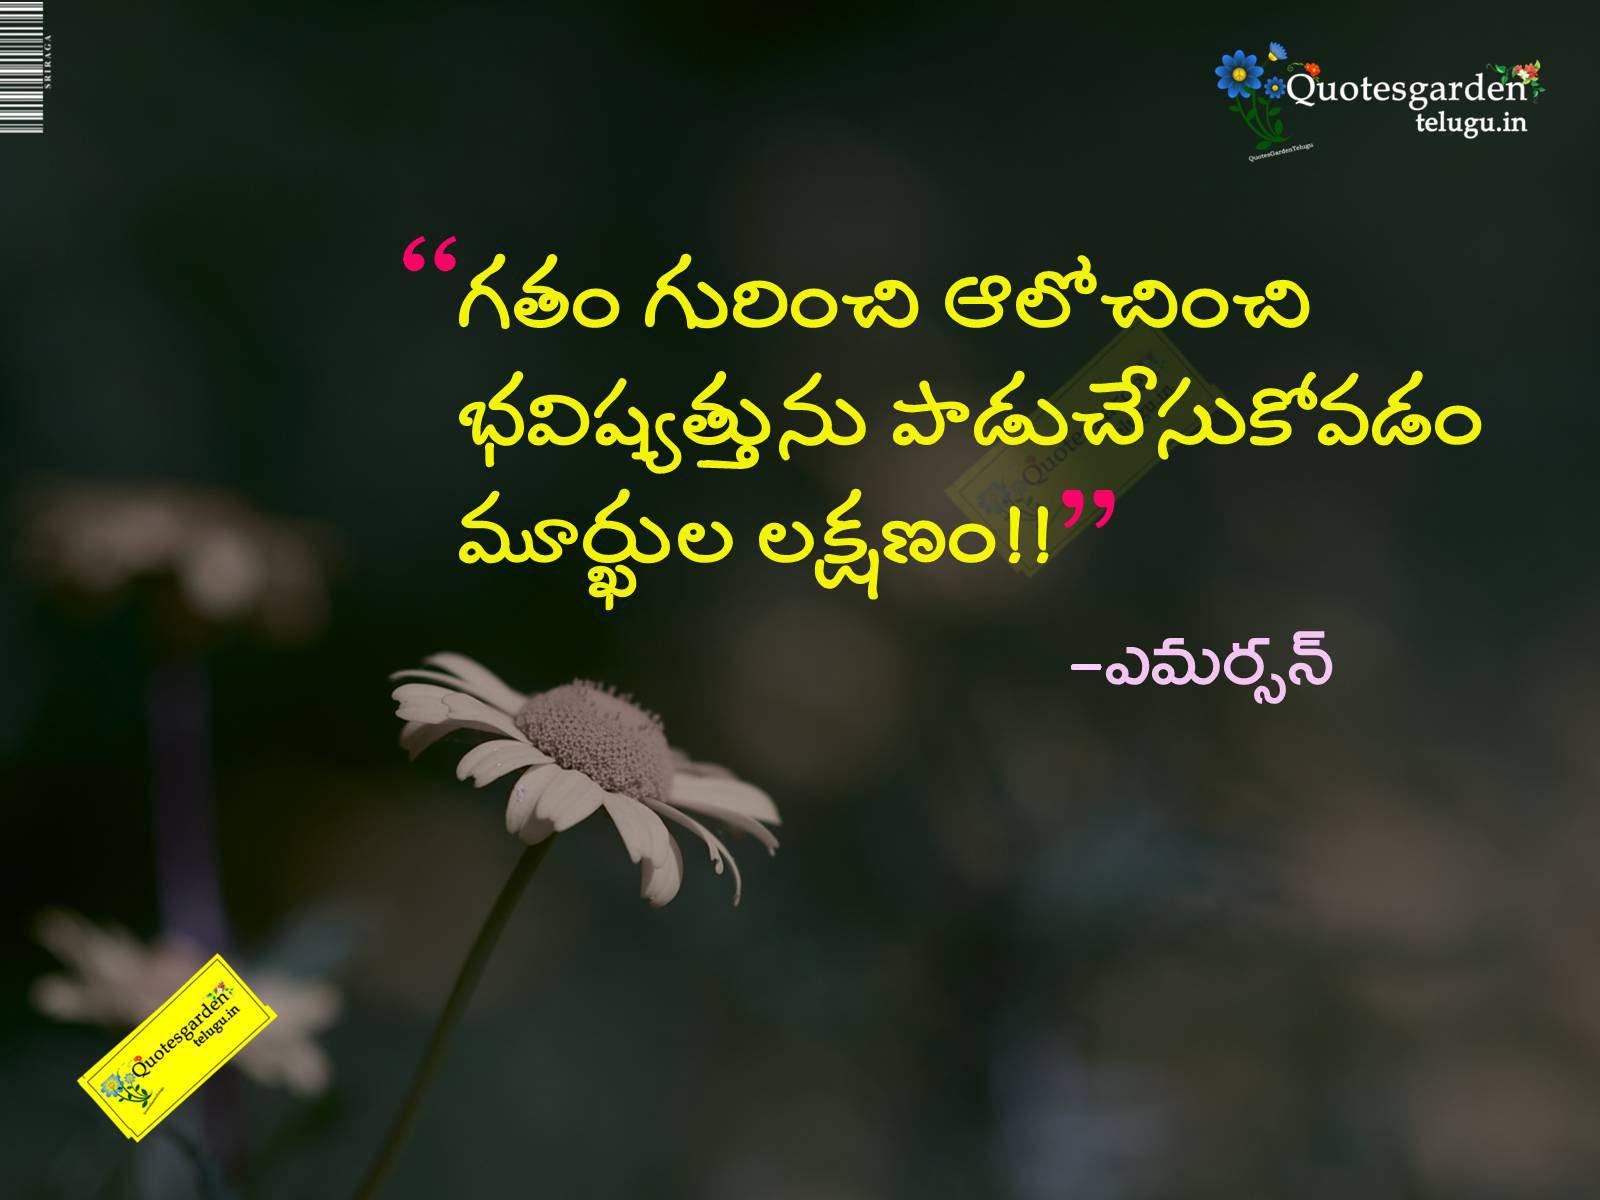 telugu quotes best inspirational telugu quotes best